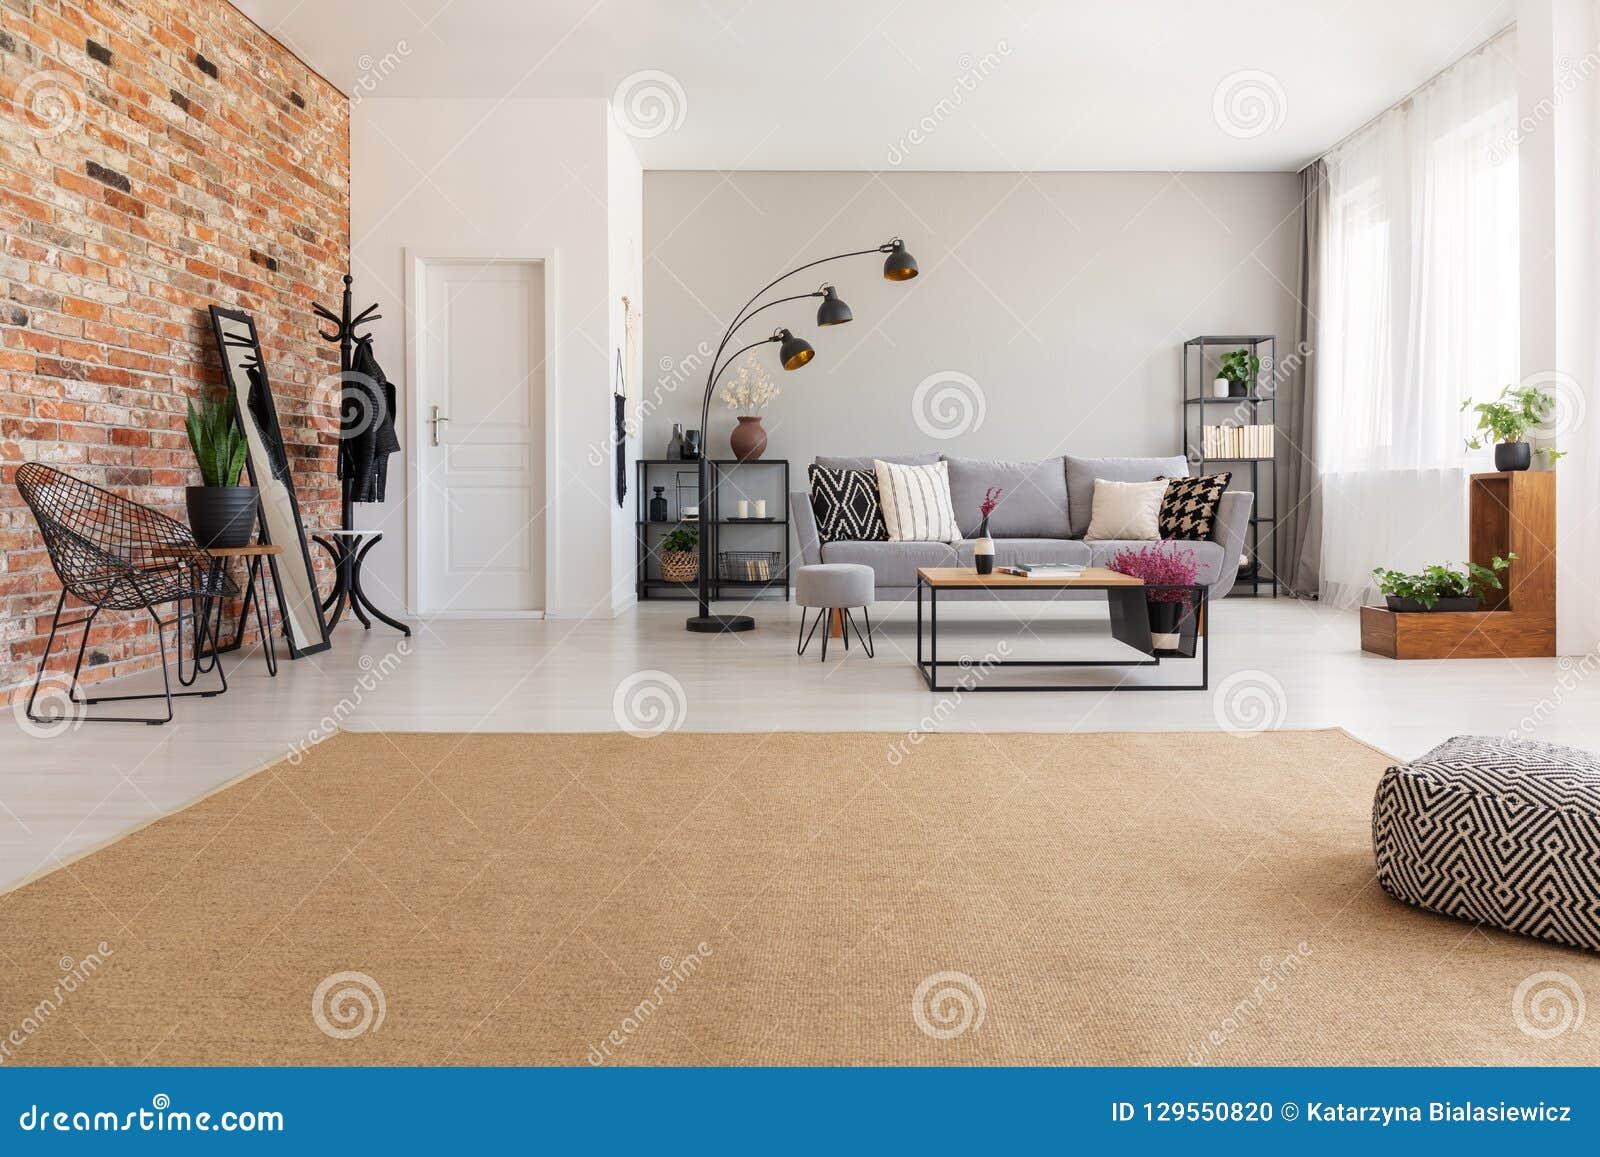 Beige Teppich im modernen Wohnzimmer Innen mit grauer Couch, industrielle schwarze Metalllampe, hölzerner Couchtisch